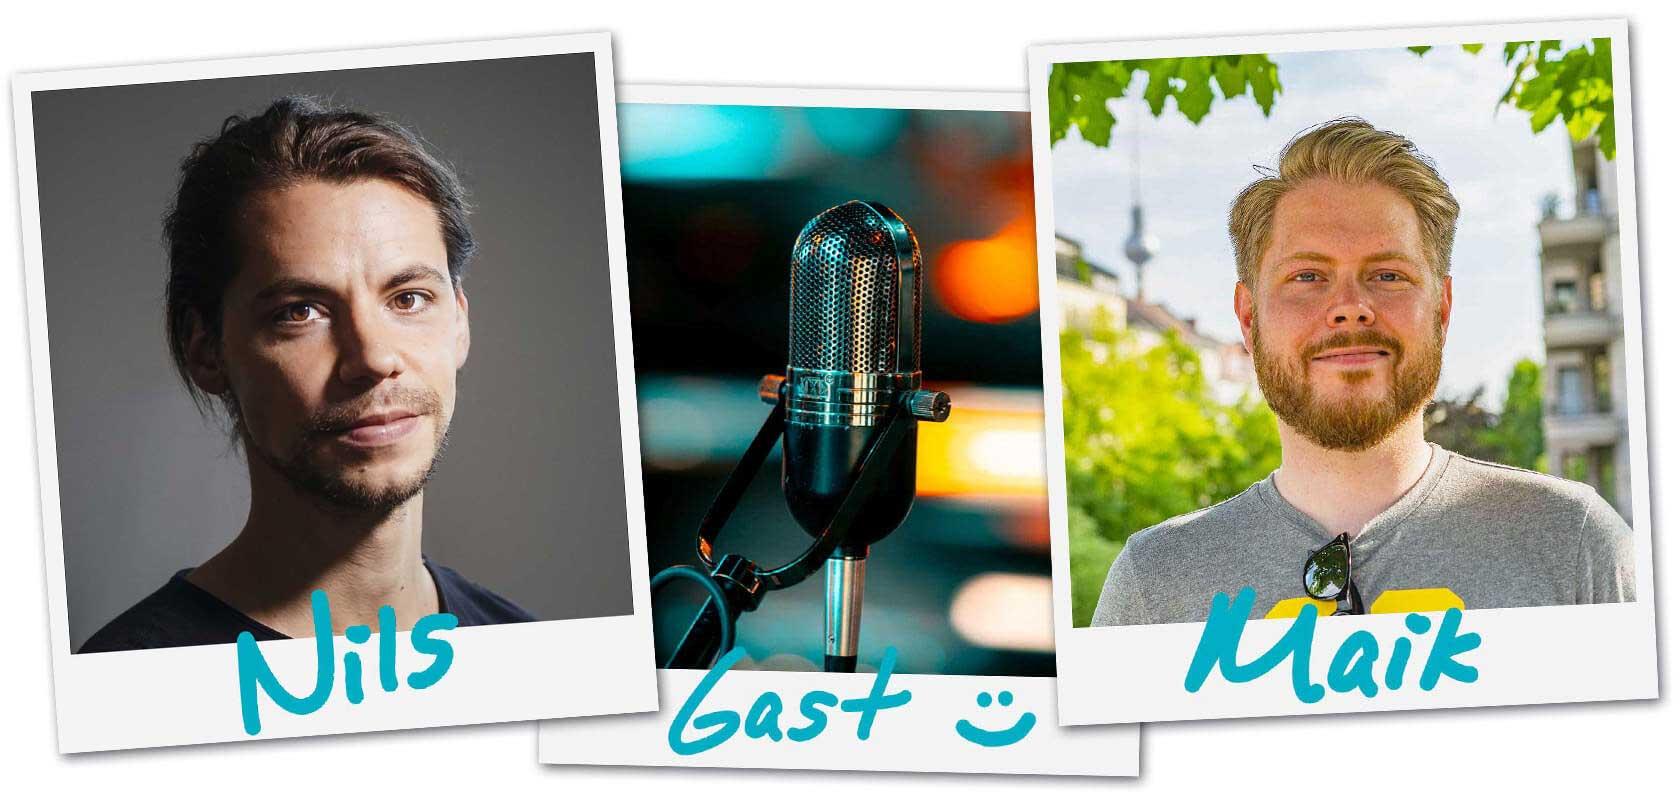 Redseligcast #24: Im Gespräch mit Bodo Wartke (Klavierkabarettist) redseligcast-cast2-1